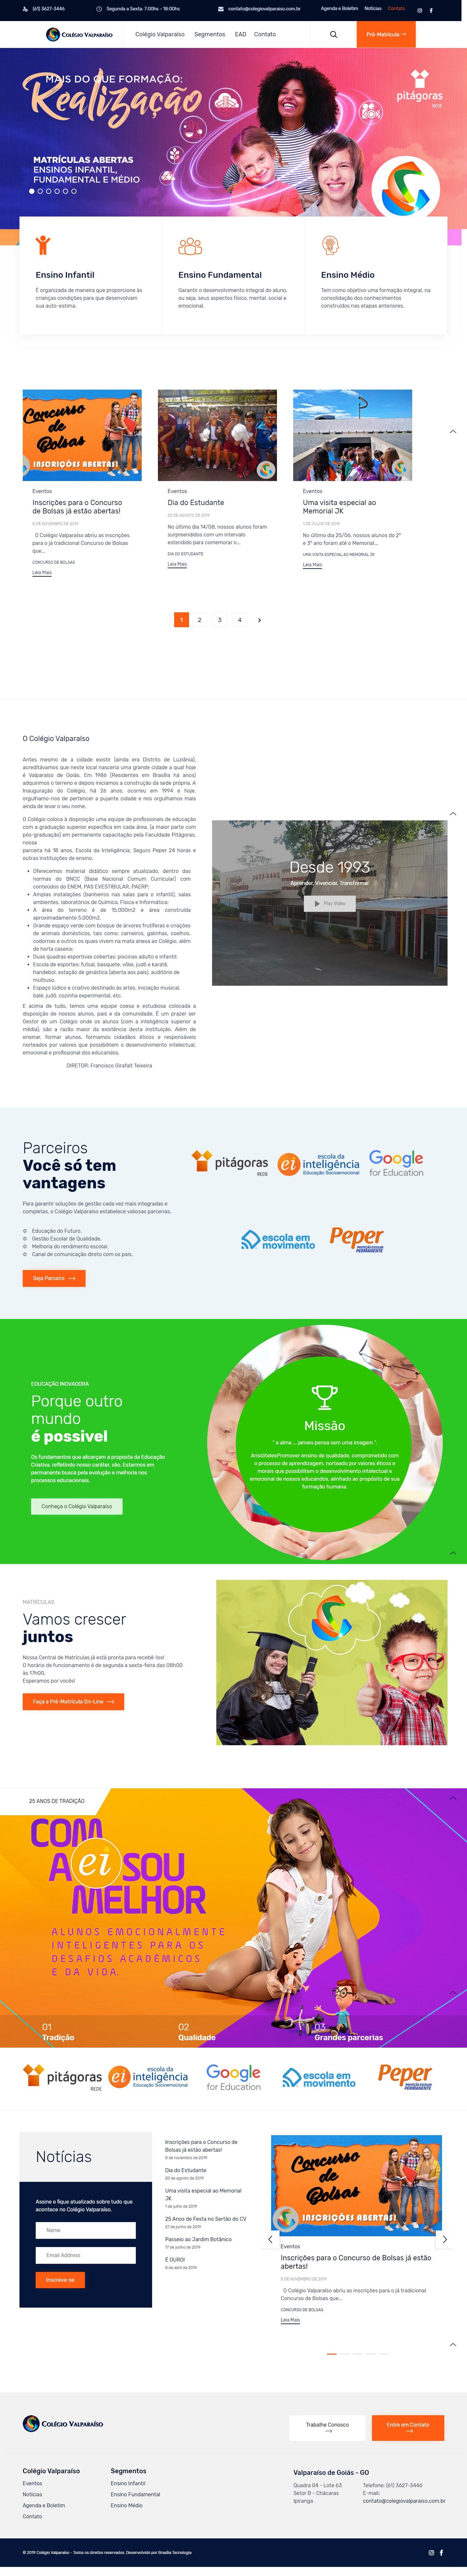 colegio-valparaiso-escola-particular–tecnologia-desenvolvimento-sites-websites-suporte-seo-hospedagem-ead